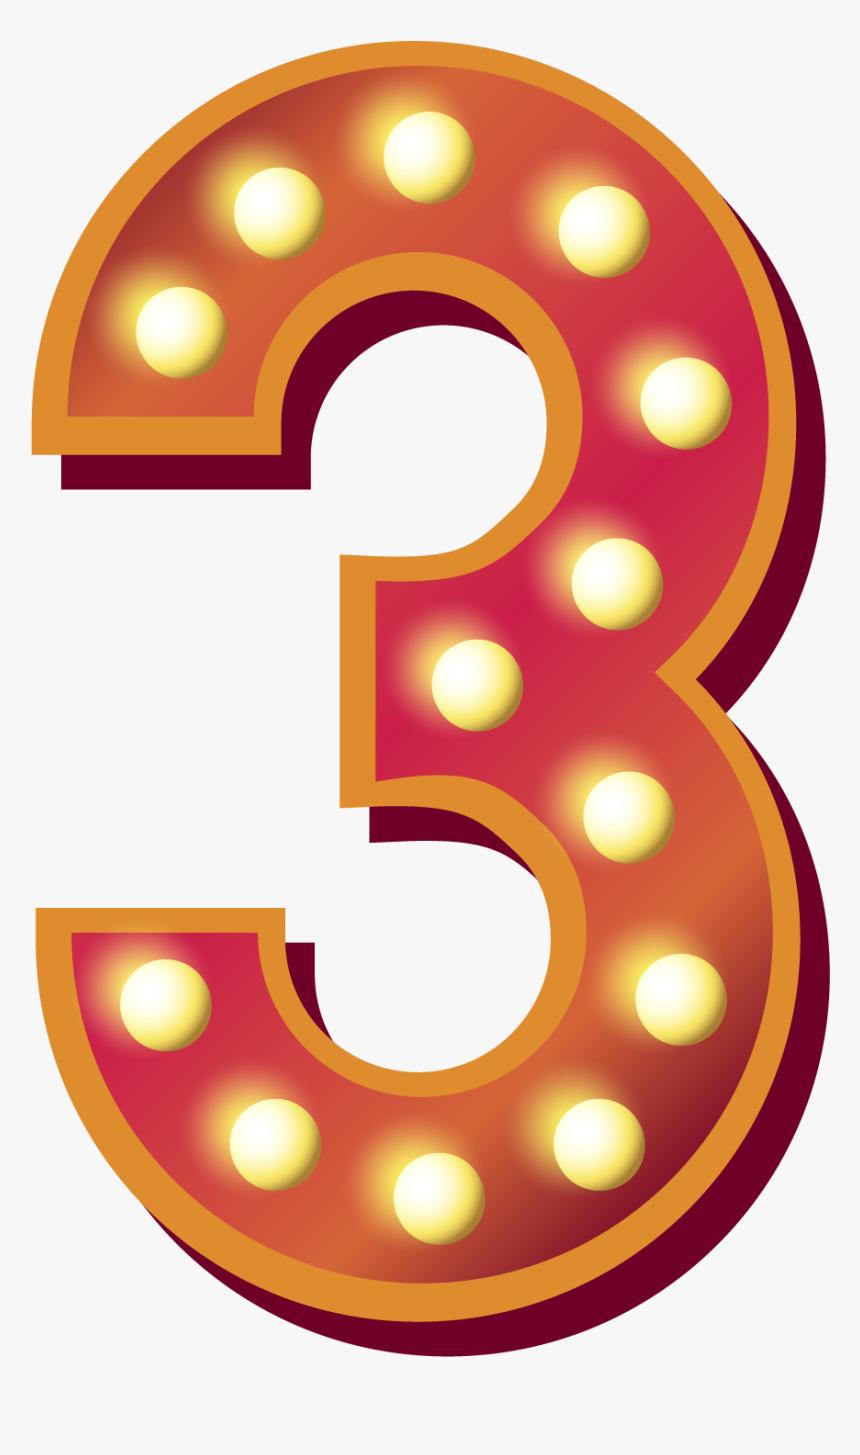 3 Number Png Download Free Image - Transparent Background 3 Png, Png Download, Free Download